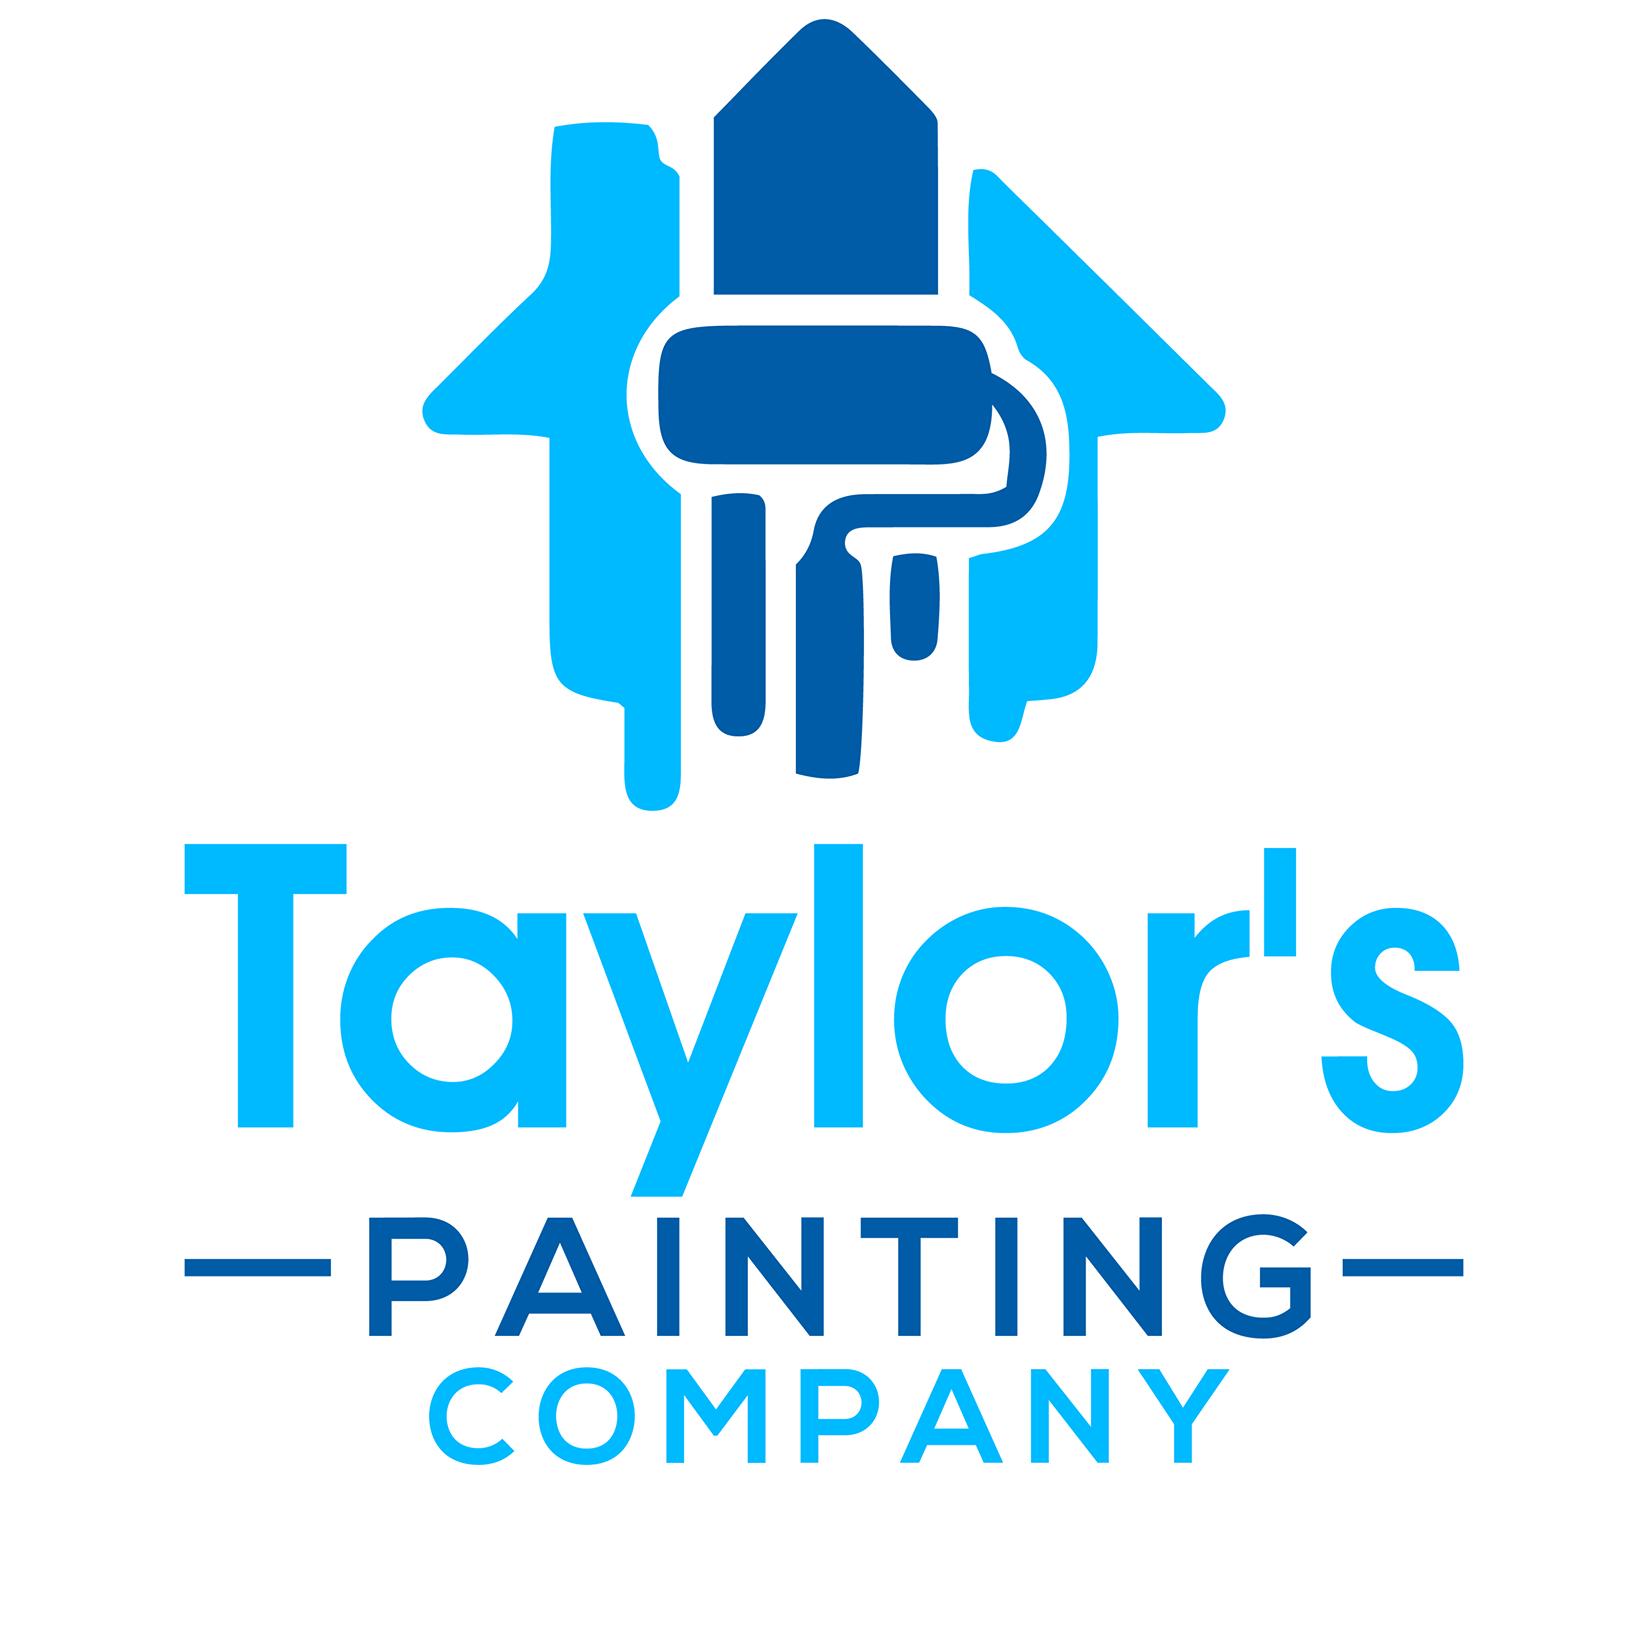 Taylor's Painting Company Logo